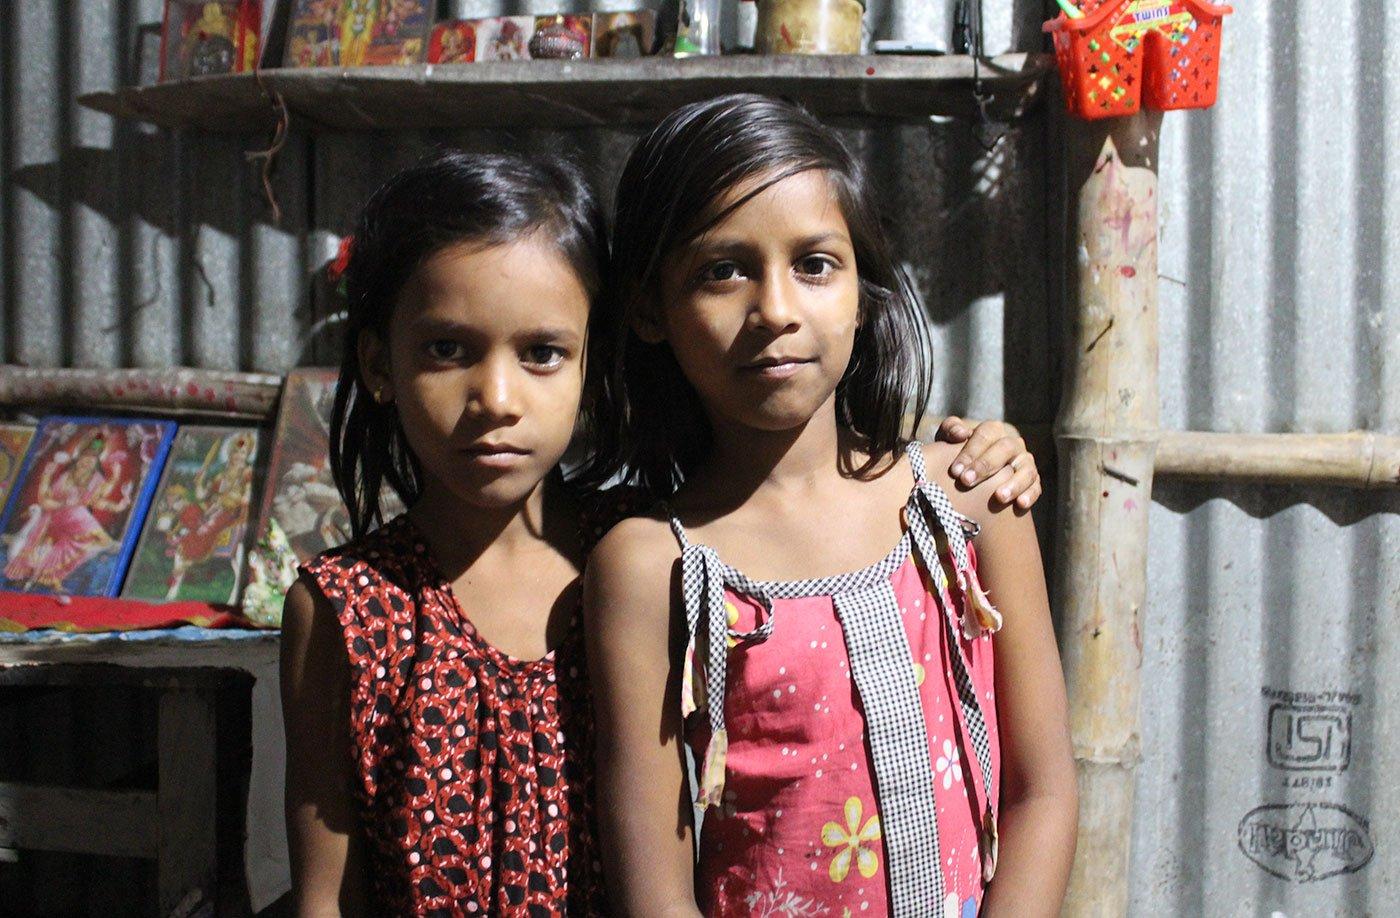 Breshpati Sardar's daughters